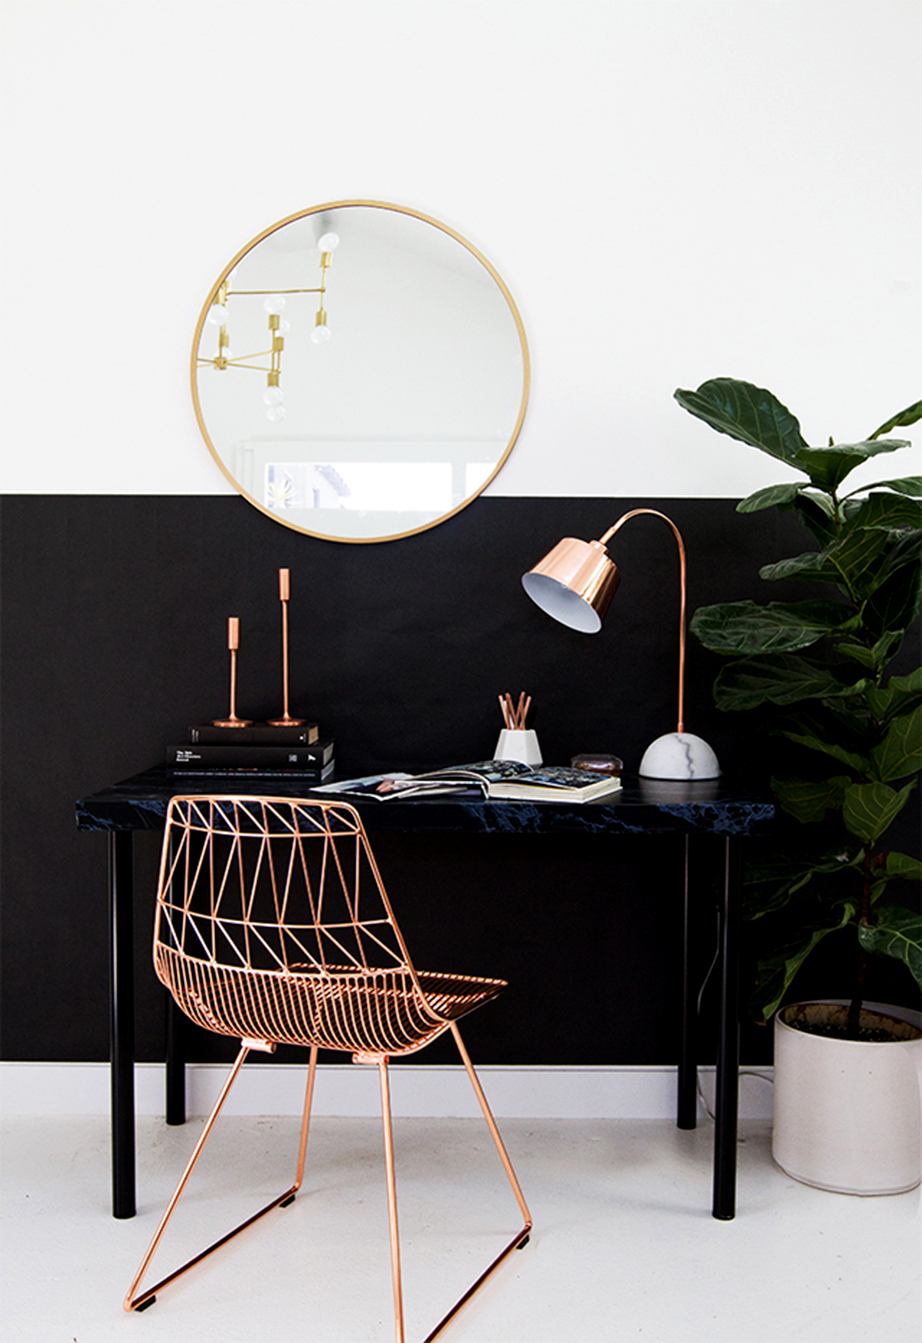 Τοποθετήστε ένα ματ βαμμένο γραφείο μπροστά από μια επιφάνεια με την ίδια απόχρωση και συμπληρώστε με μεταλλικά αντικείμενα χρώματος τόσο του χρυσού όσο και του χαλκού.